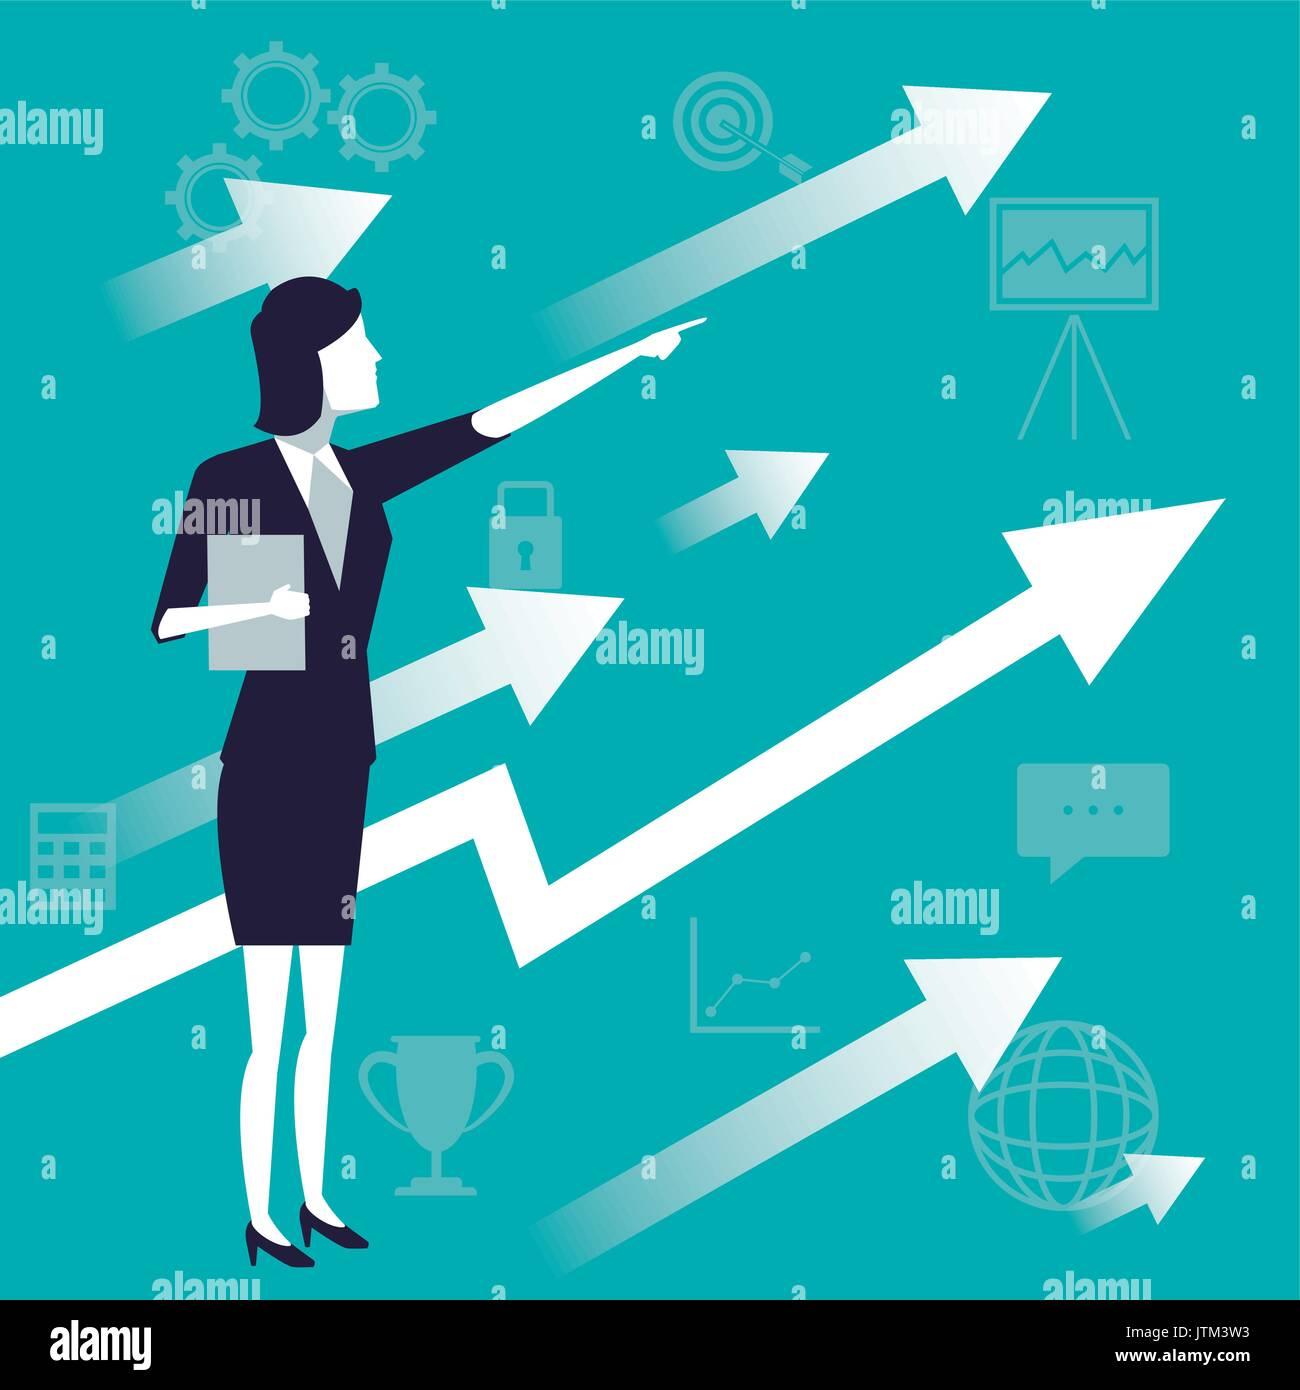 Color de fondo con la mujer ejecutiva y el símbolo de flecha el crecimiento empresarial Imagen De Stock